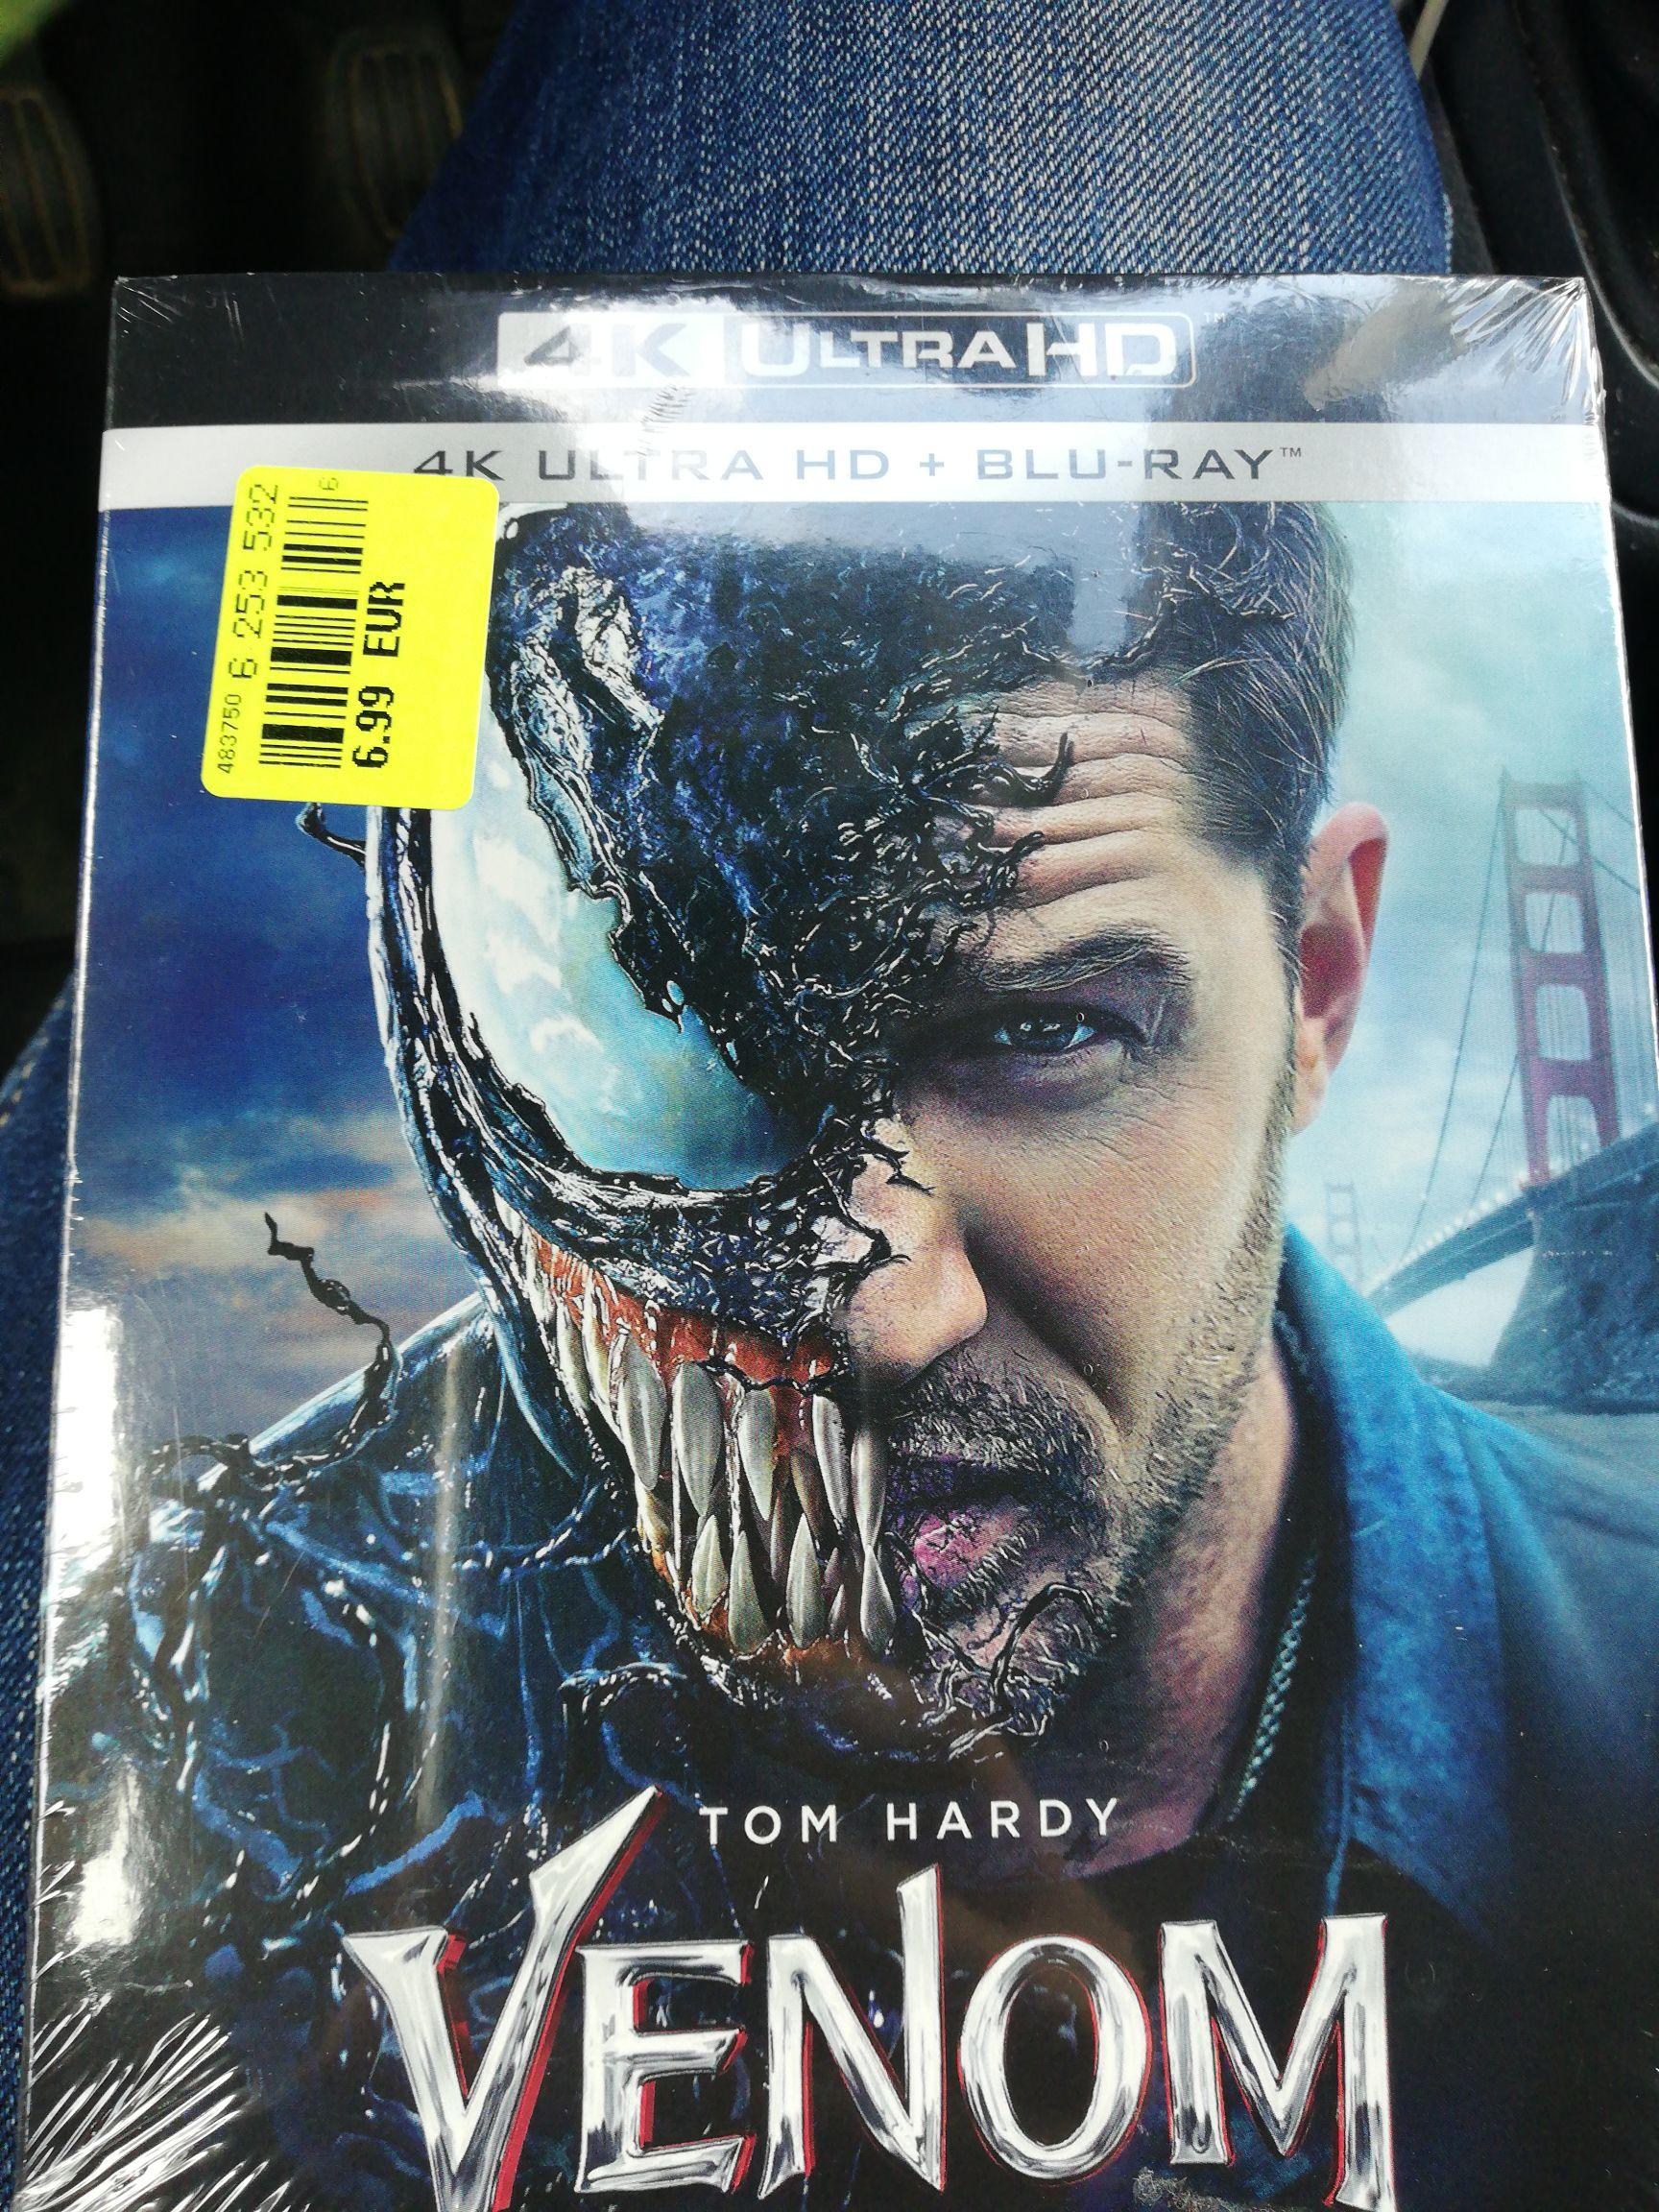 Blu-ray 4k Venom - Verdun (55)